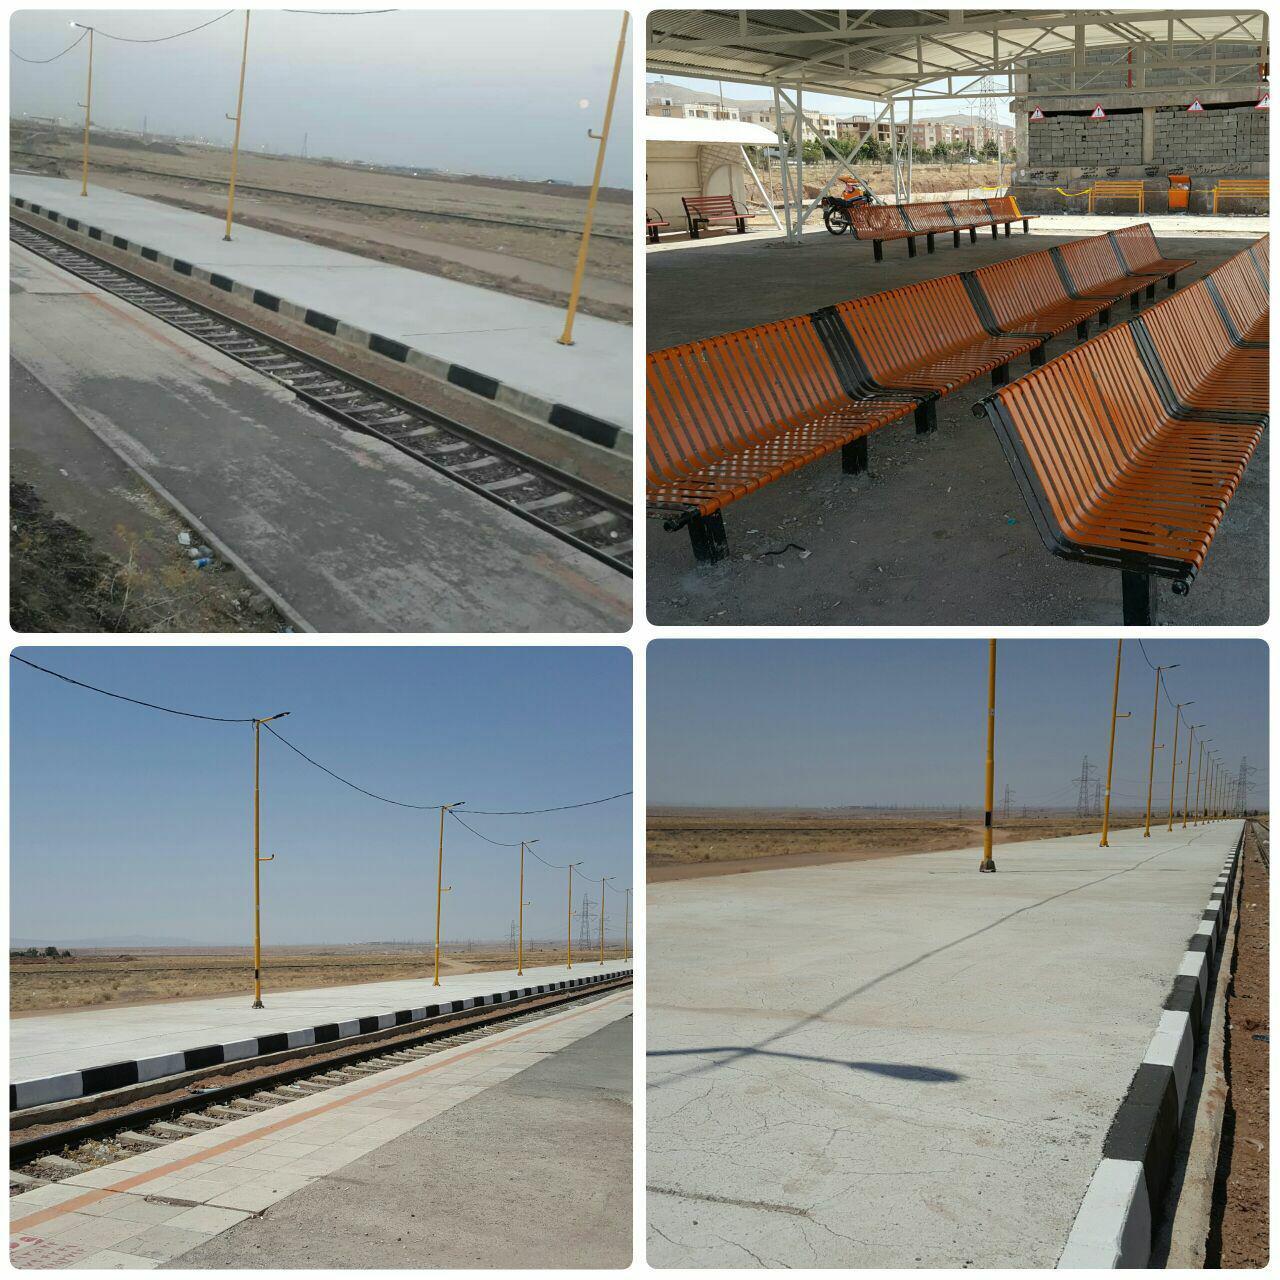 سکوی دوم ایستگاه ریل باس پرند؛ آماده افتتاح / مجموعه اقدامات معاونت خدمات شهری و فضای سبز شهرداری در تکمیل پروژه ریل باس